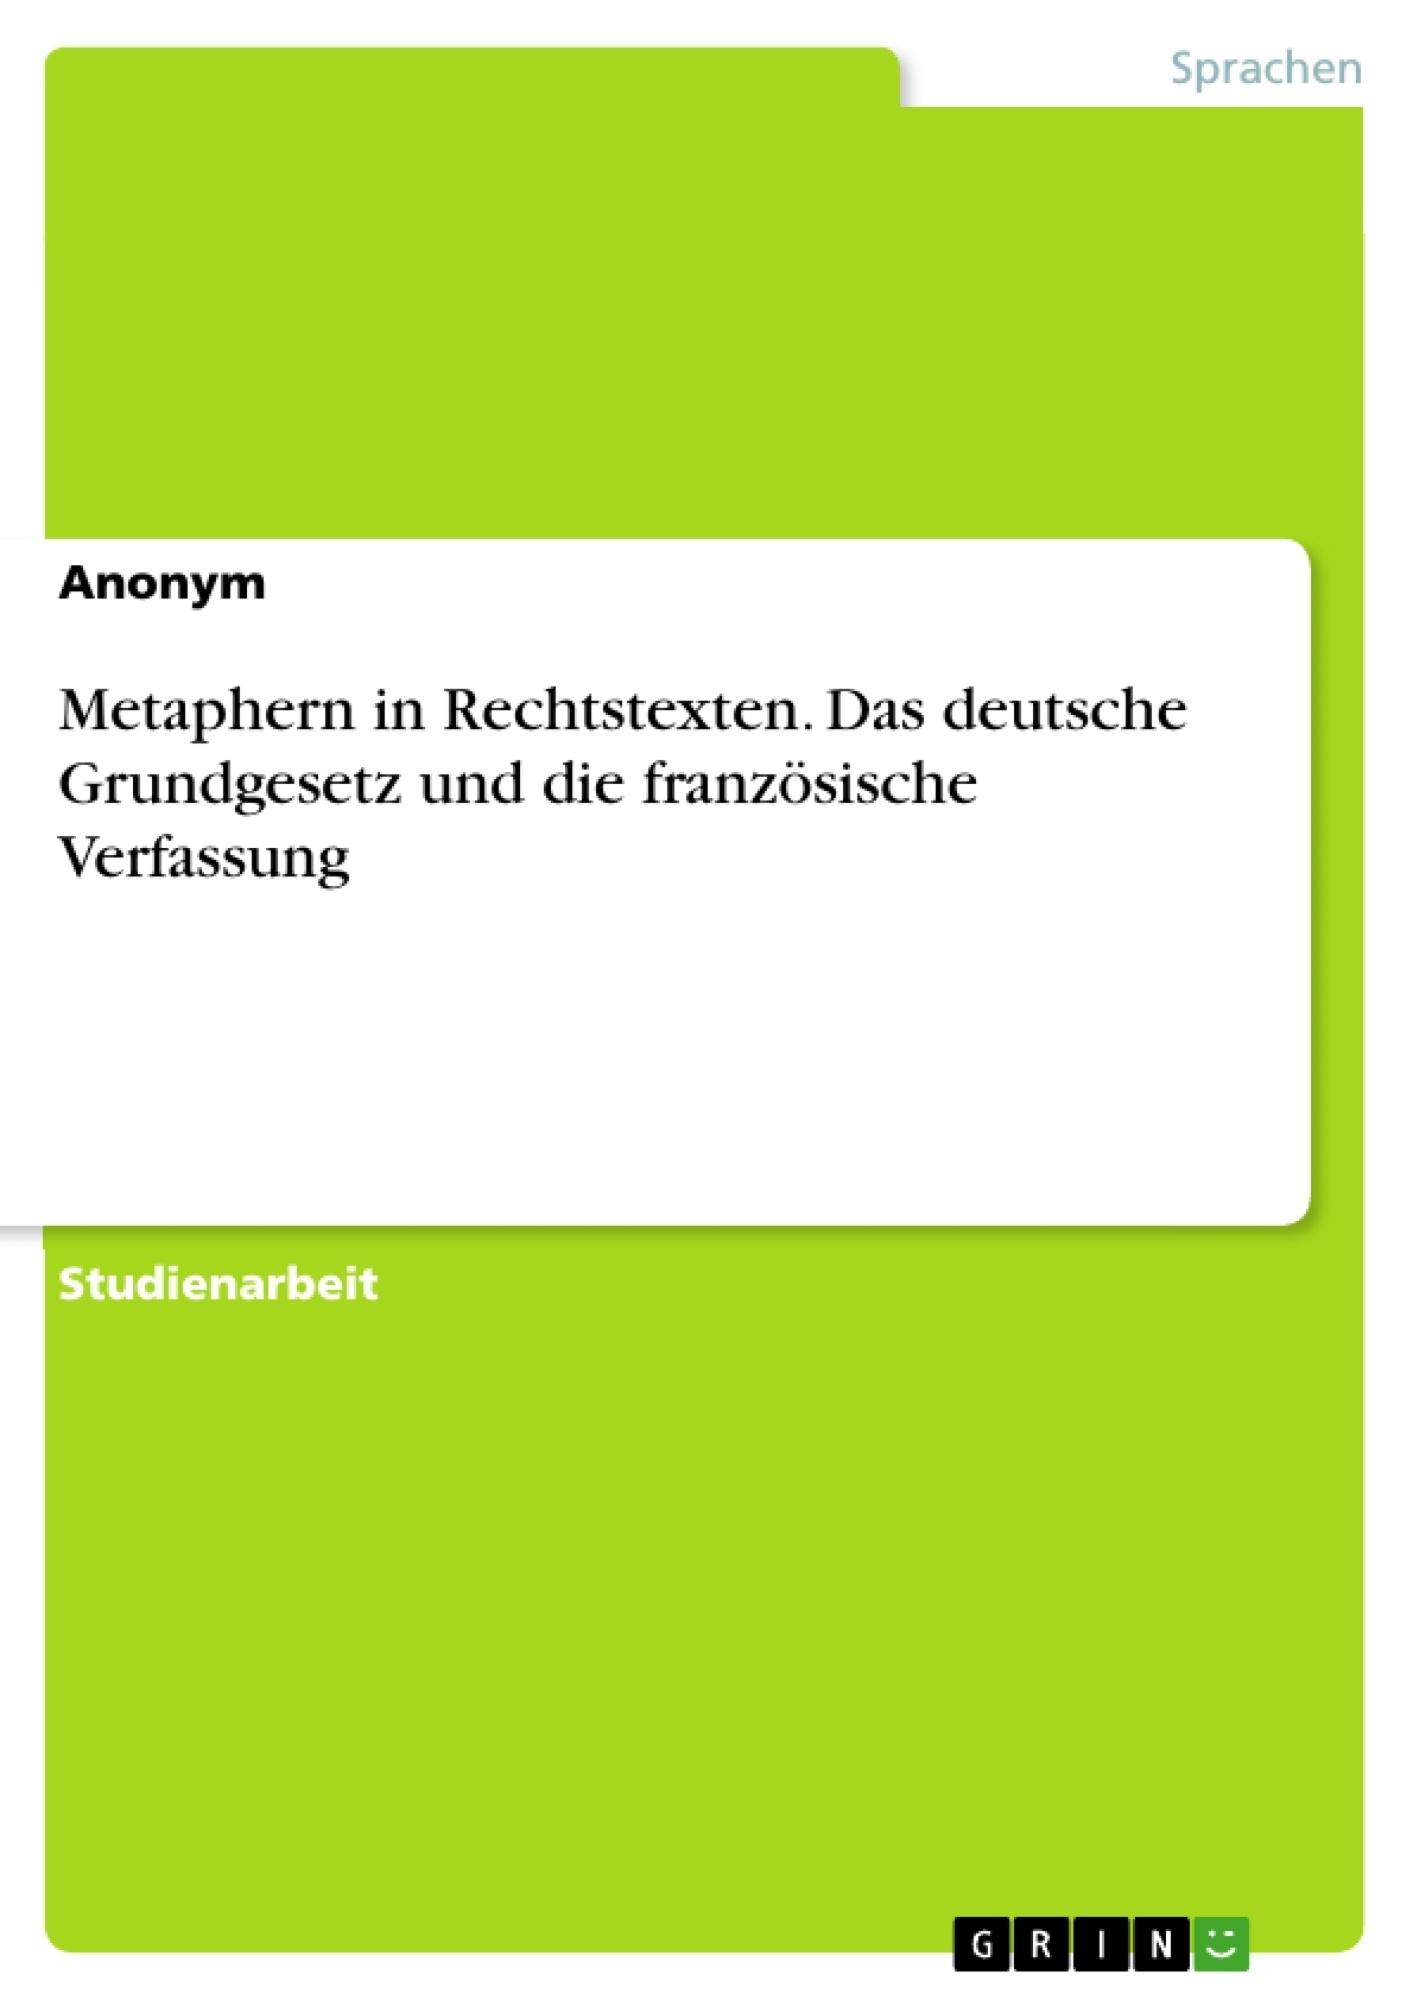 Titel: Metaphern in Rechtstexten. Das deutsche Grundgesetz und die französische Verfassung